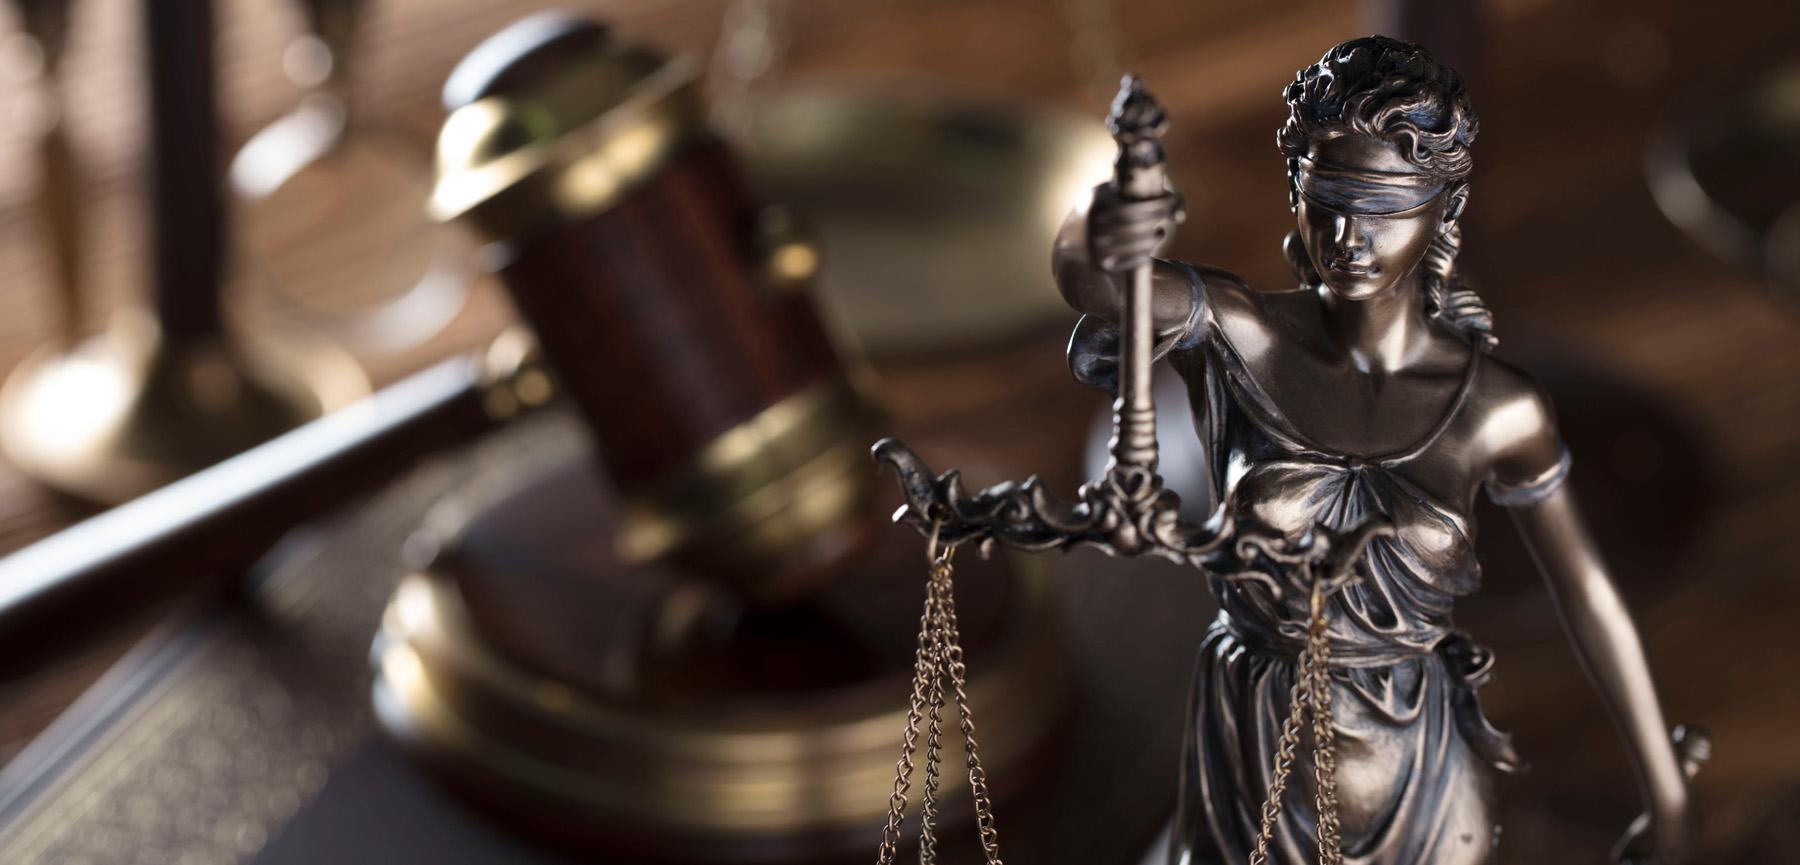 Negada liberdade para empresário  preso por porte ilegal de arma